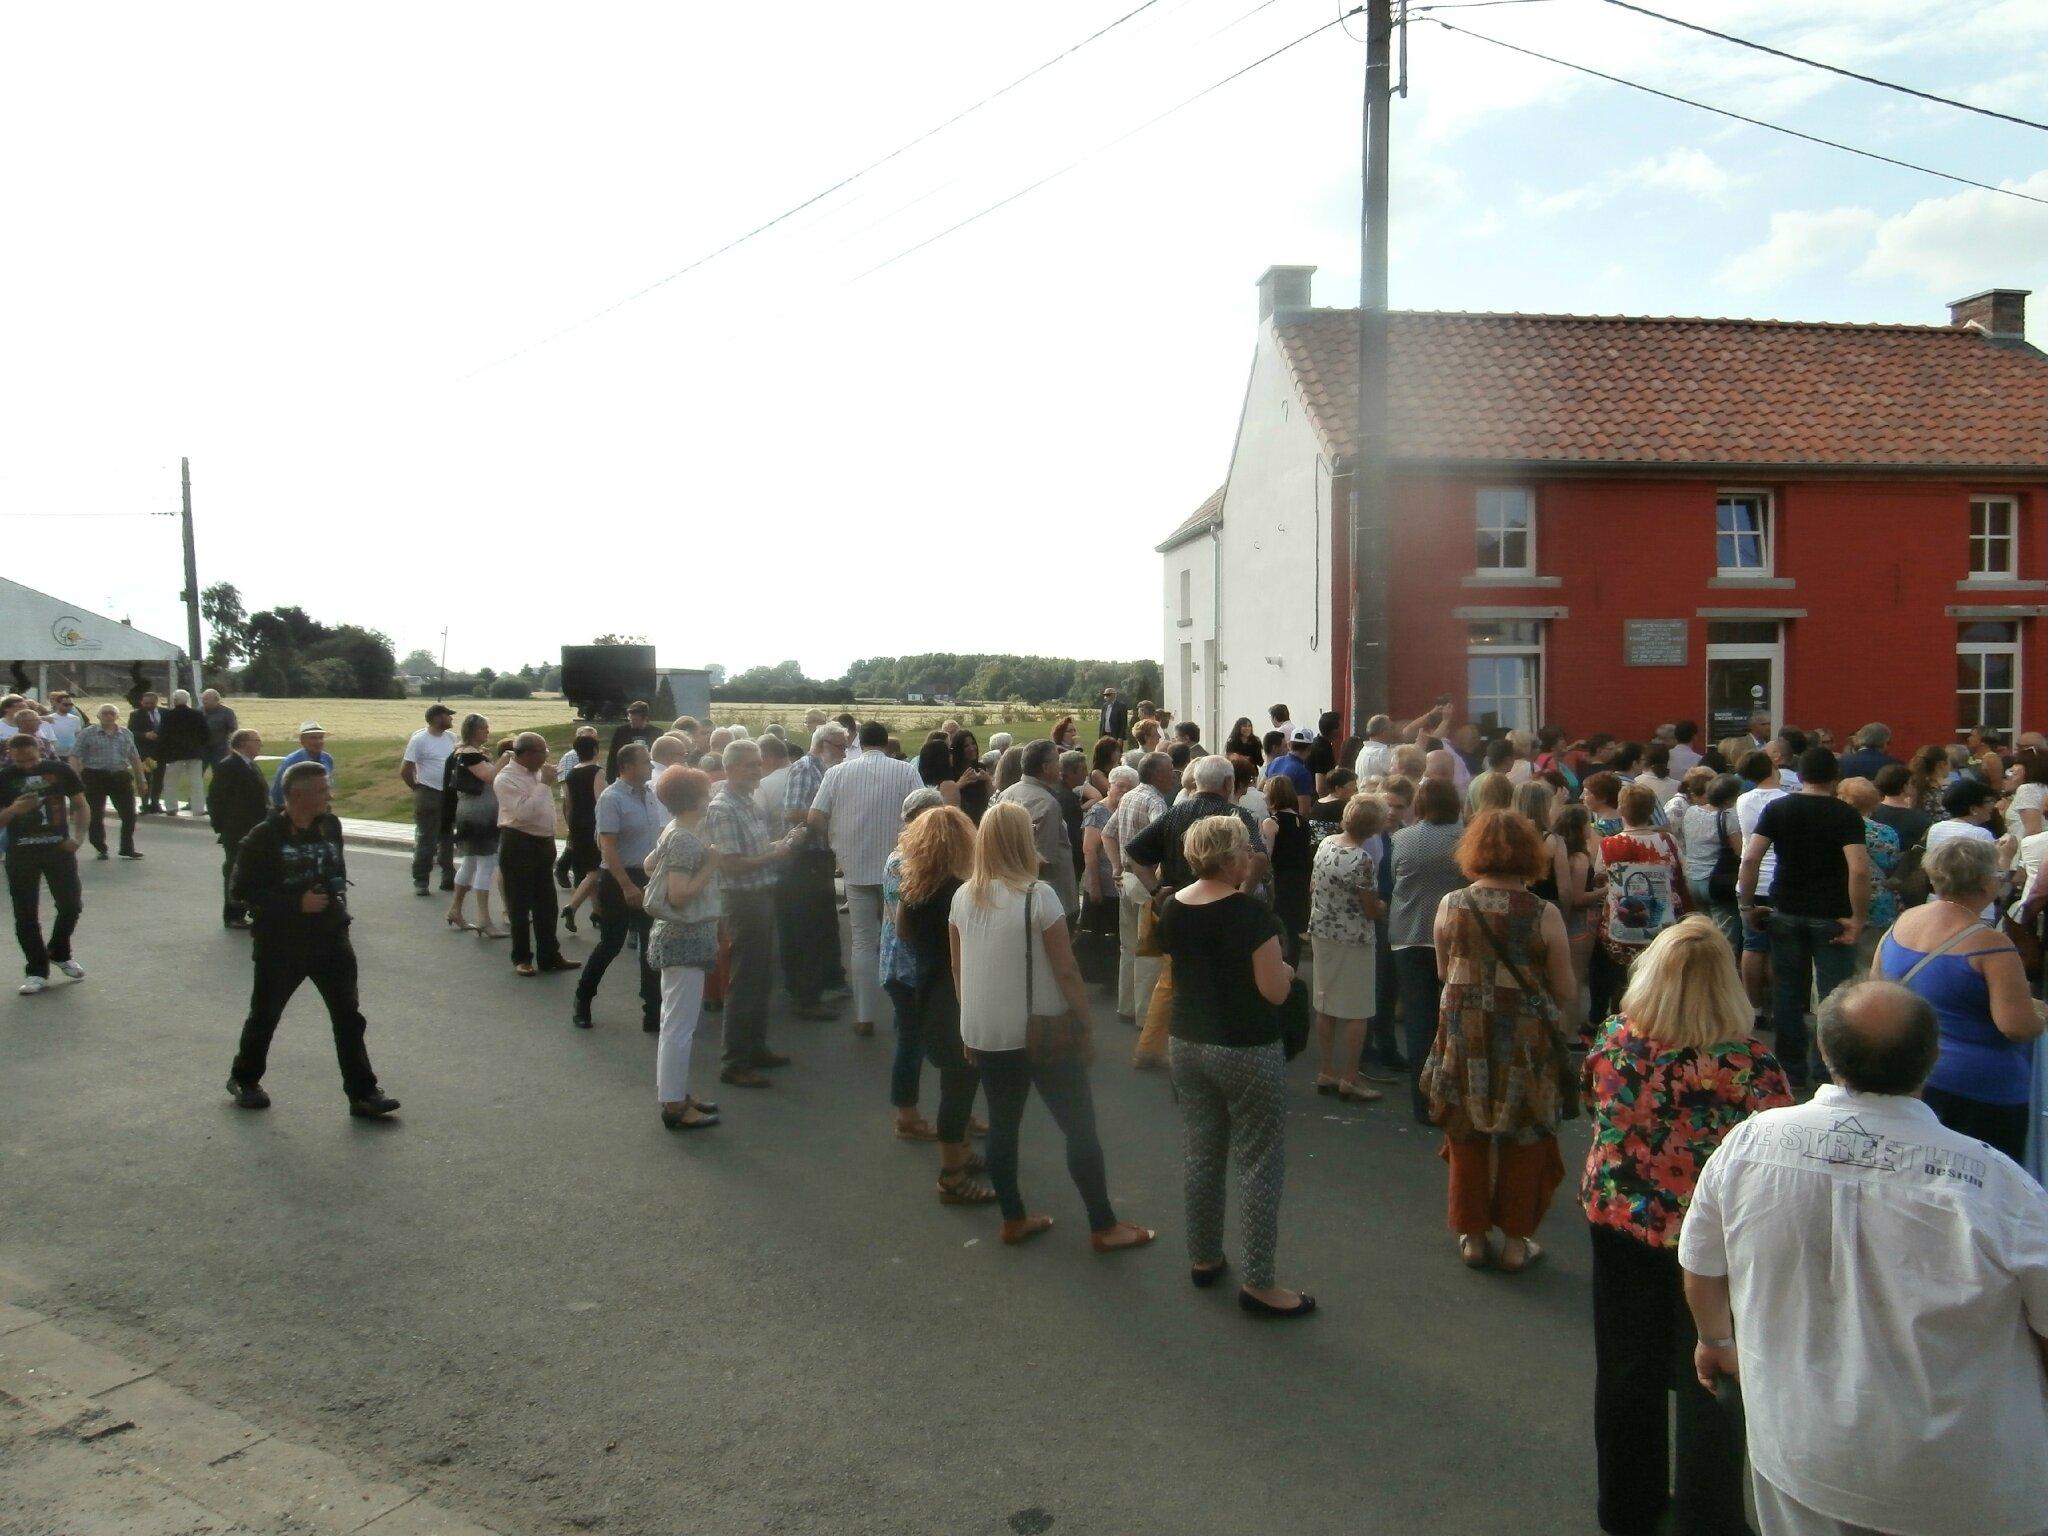 Maison Denis - 2015-06-12 -inauguraation - P6120358